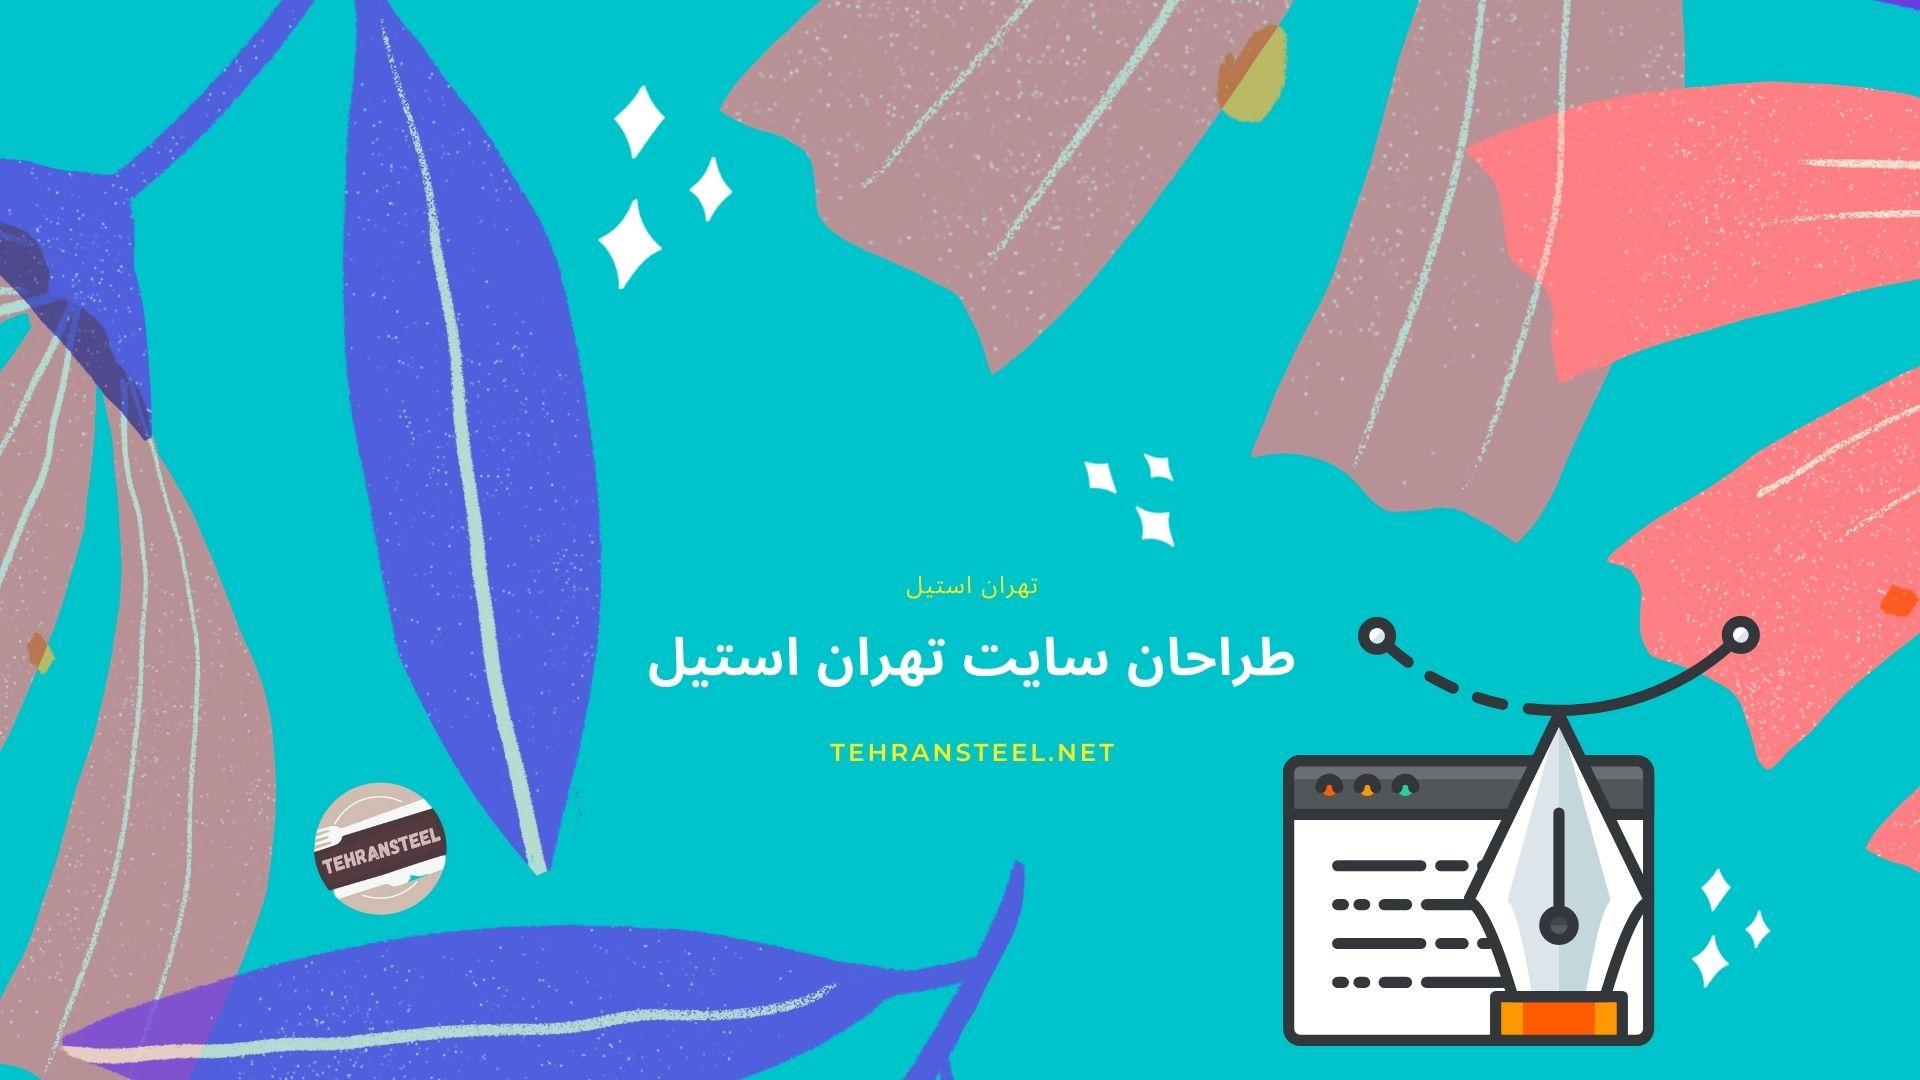 طراحان سایت تهران استیل